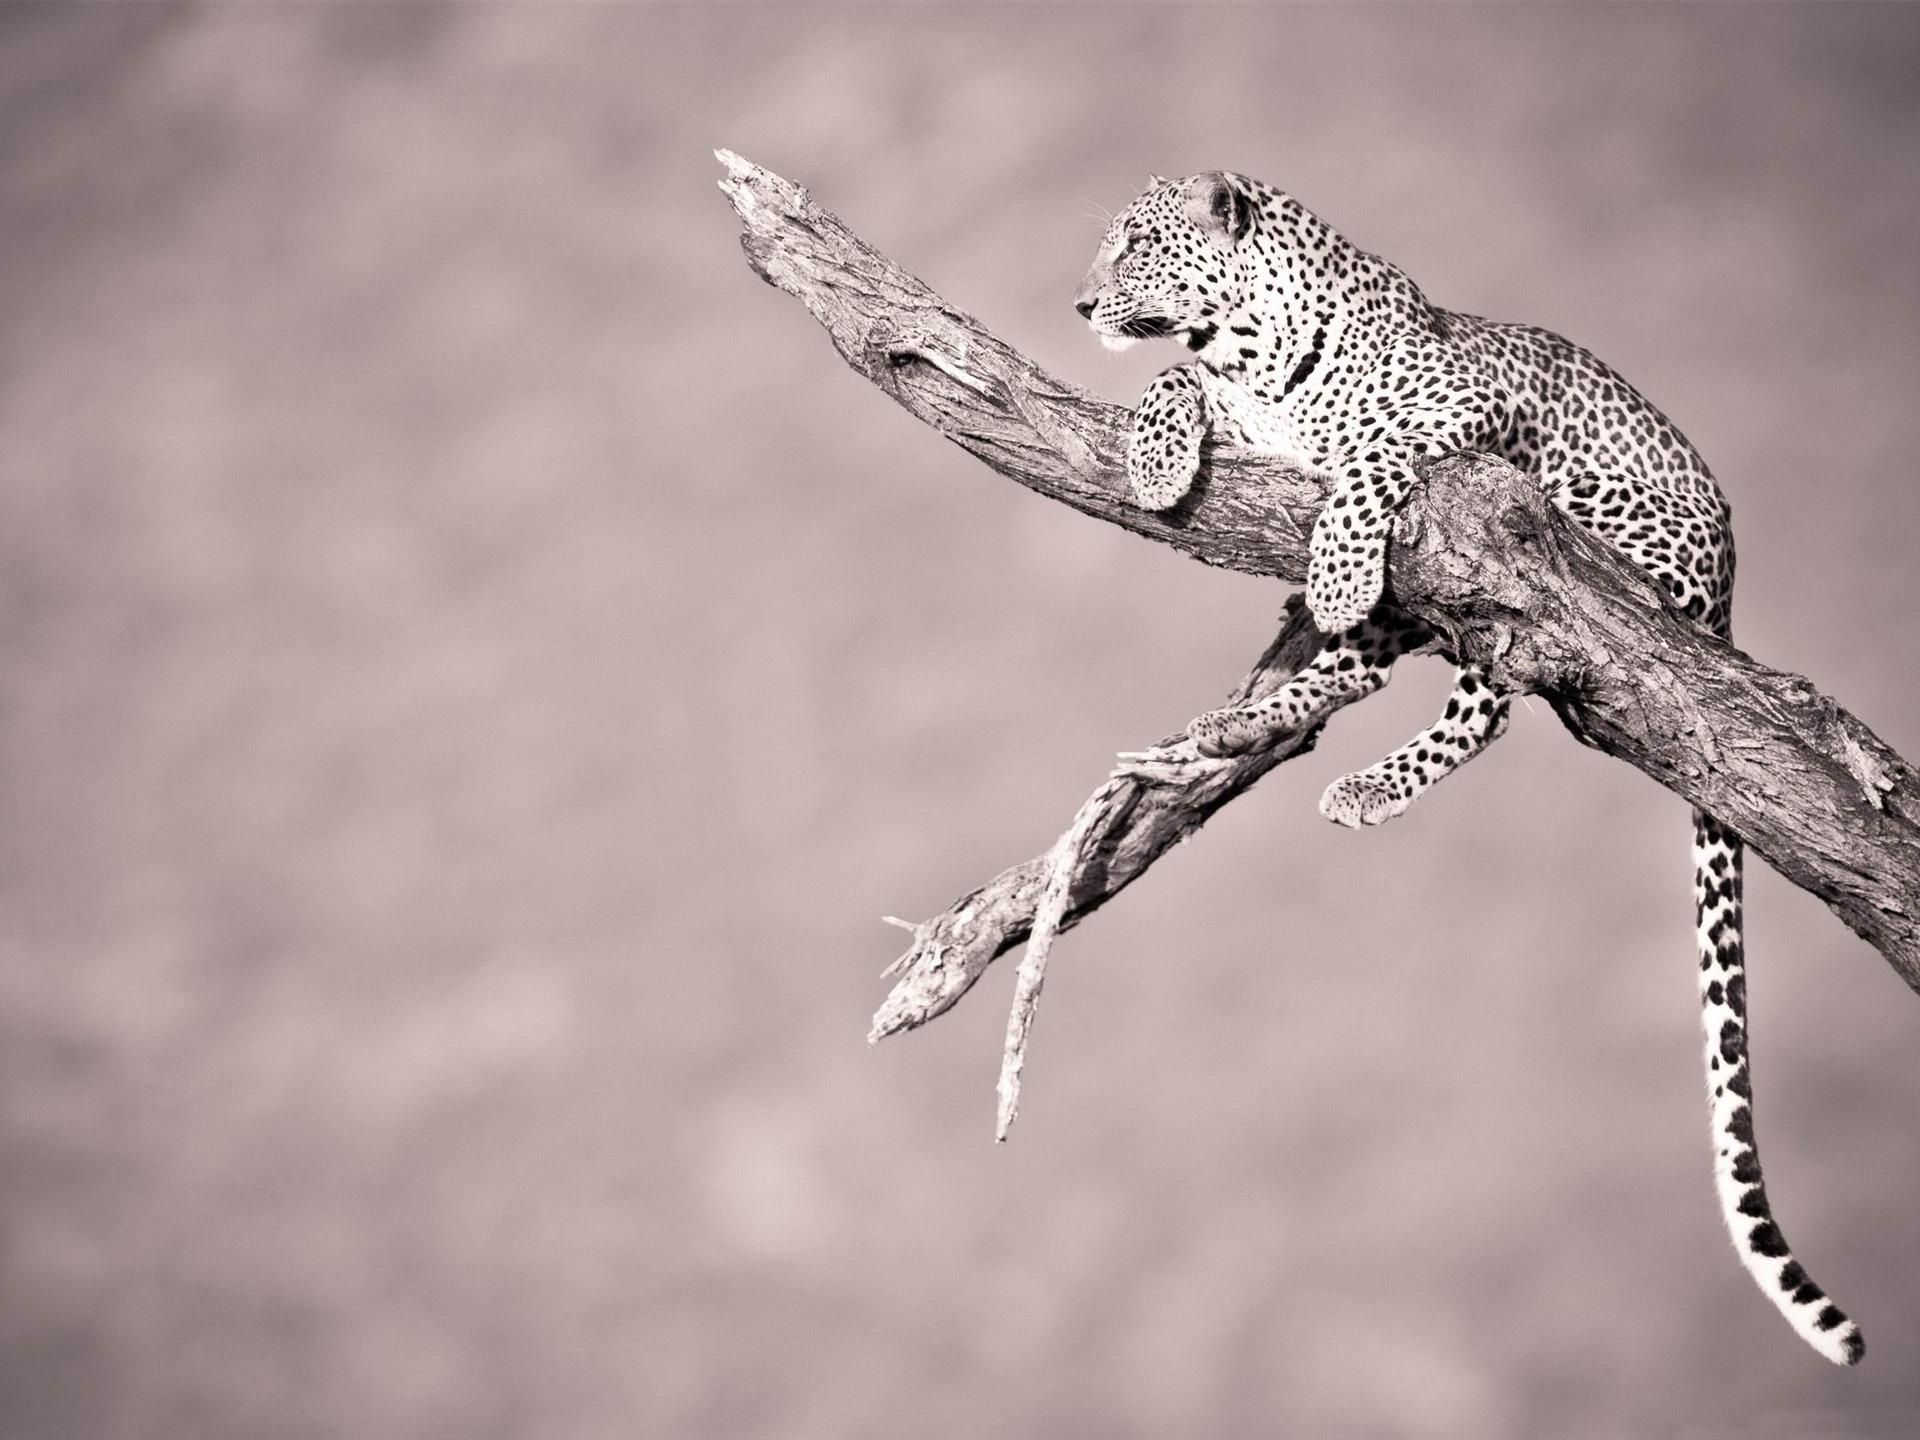 descriptif: jaguar-animal sauvage HD Wallpapers courant Taille: 1920 x ... T L Jaguar